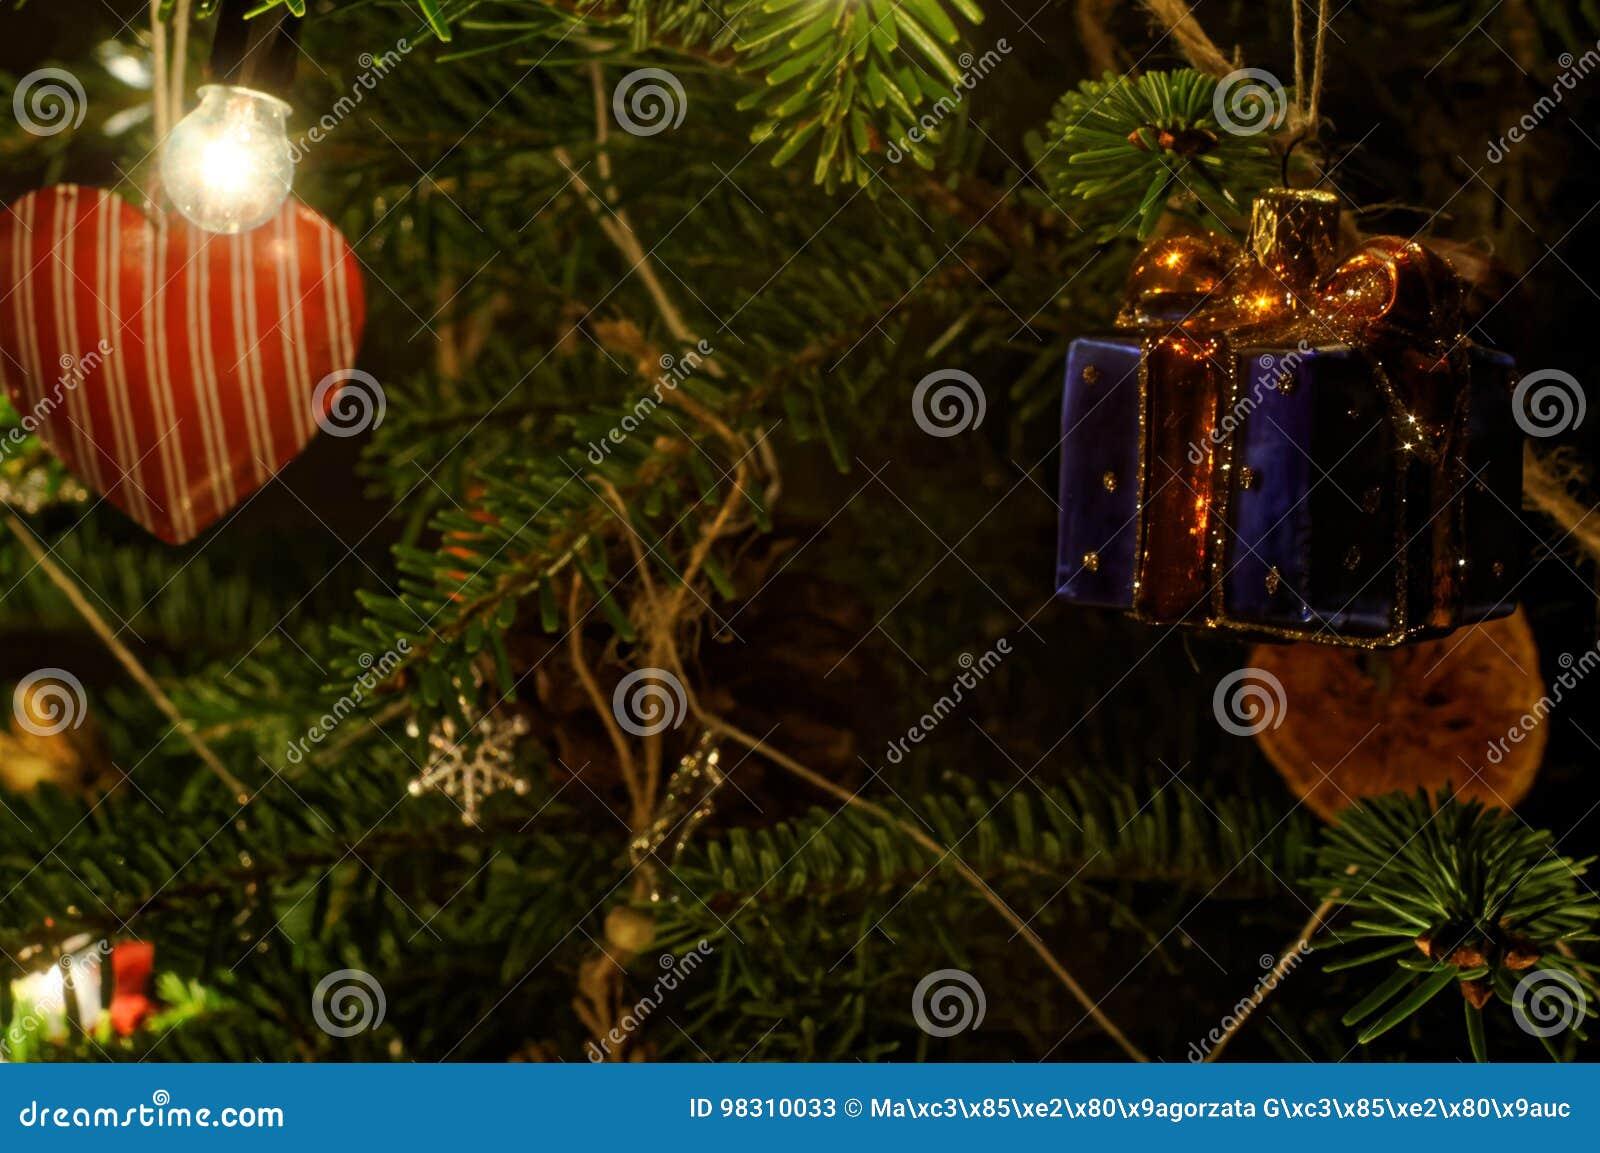 Hervorragend Neue Ideen, Das Haus Zu Verzieren Dieses Weihnachten Rotes Herz, Das An  Weihnachtsbaum Hängt